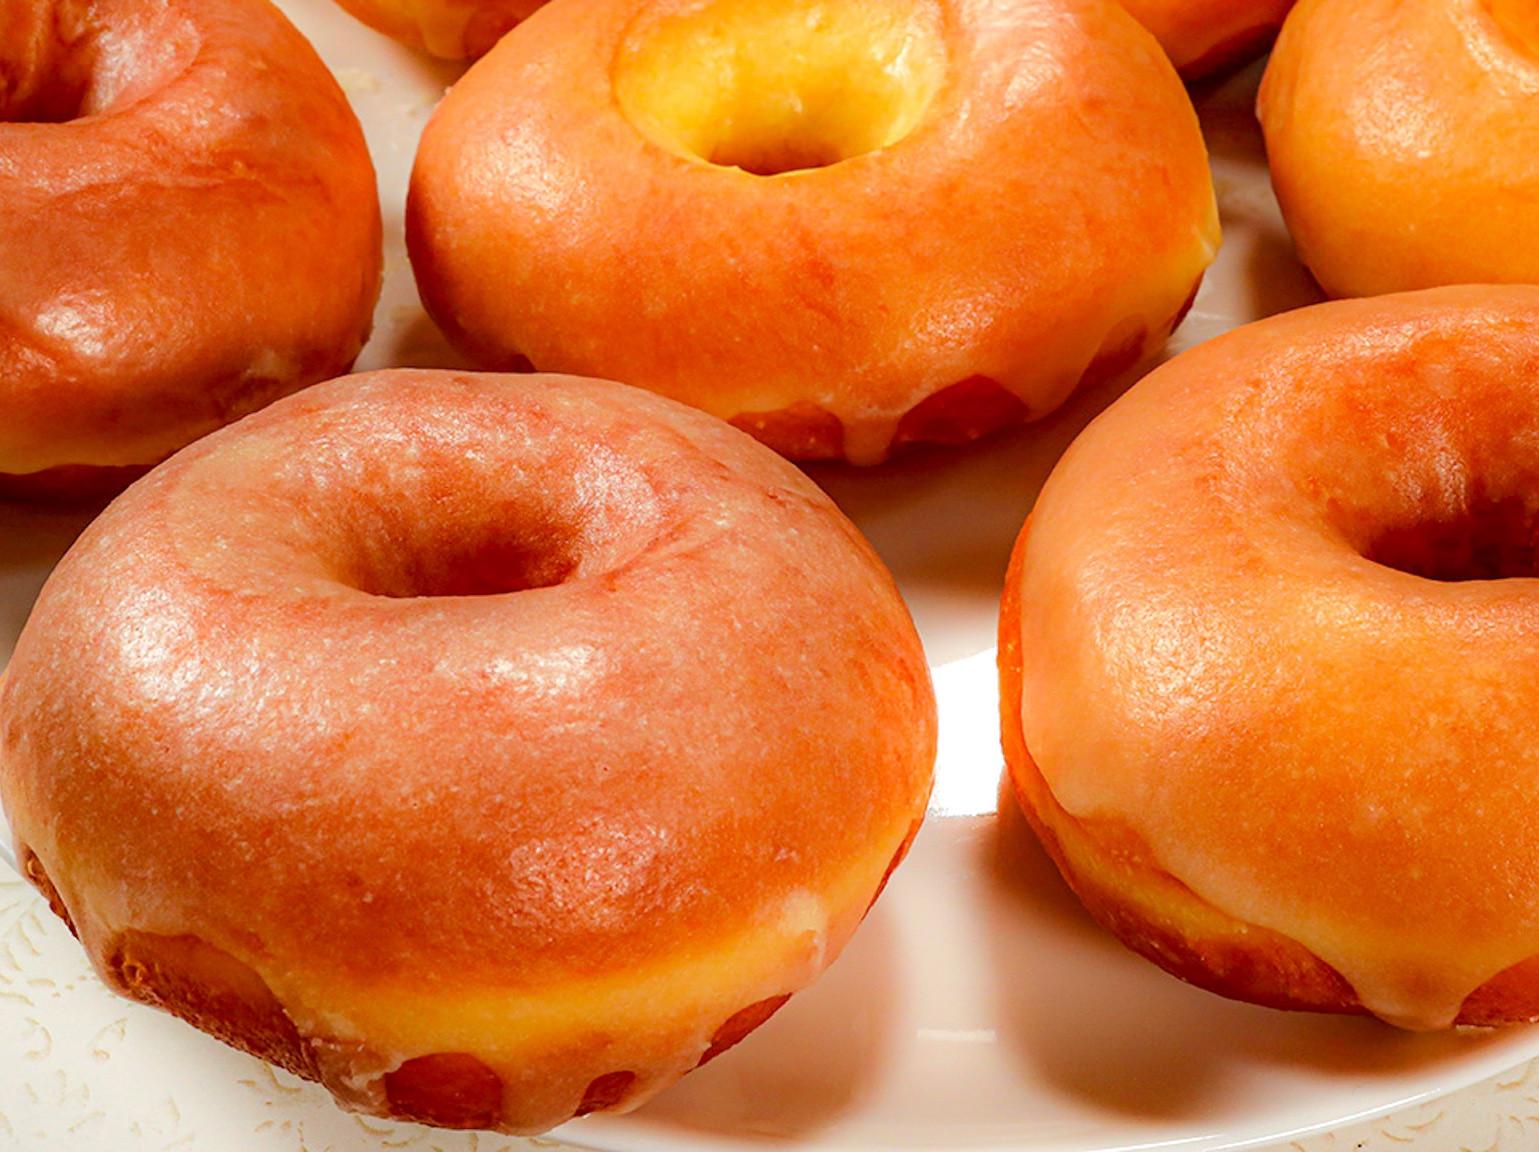 自家製鬆軟糖霜甜甜圈 【附影片】